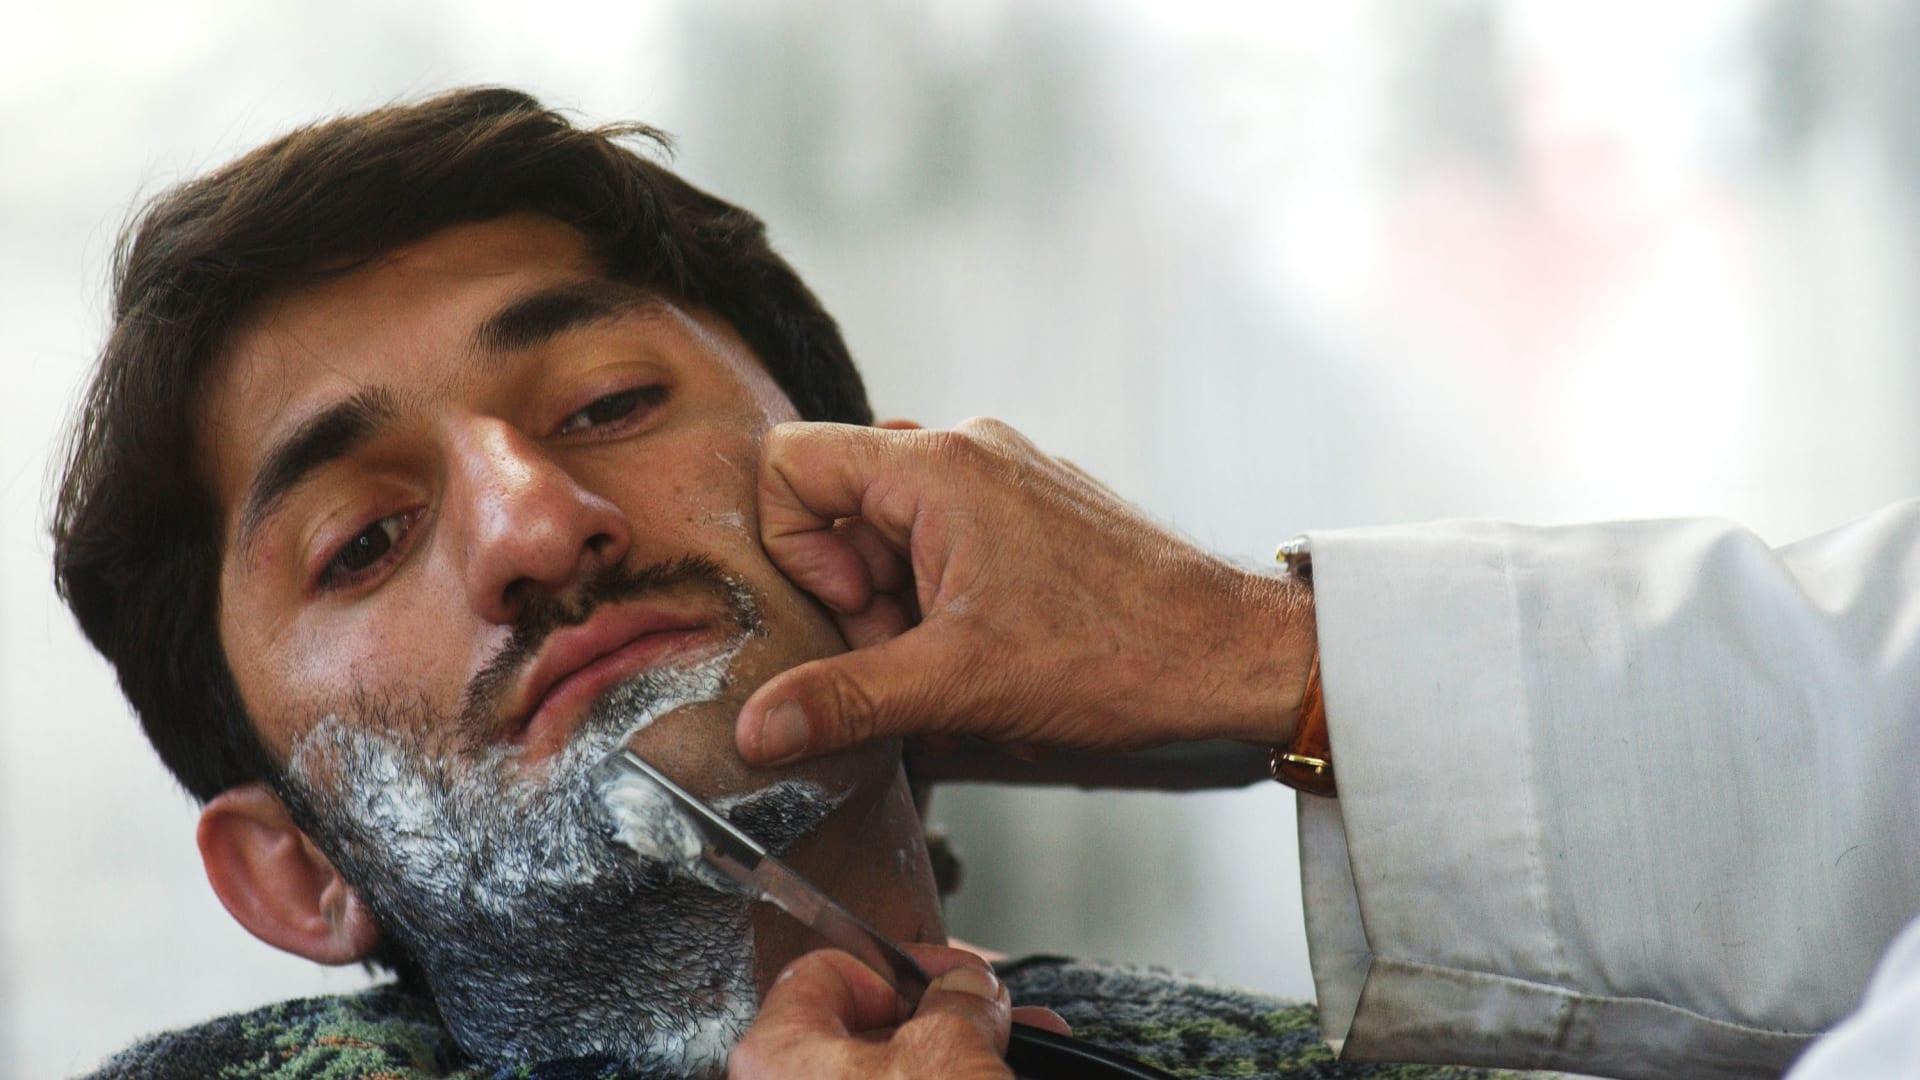 رجل أفغاني يحلق لحيته في محل حلاقة في كابول، أفغانستان - 4 مارس 2003